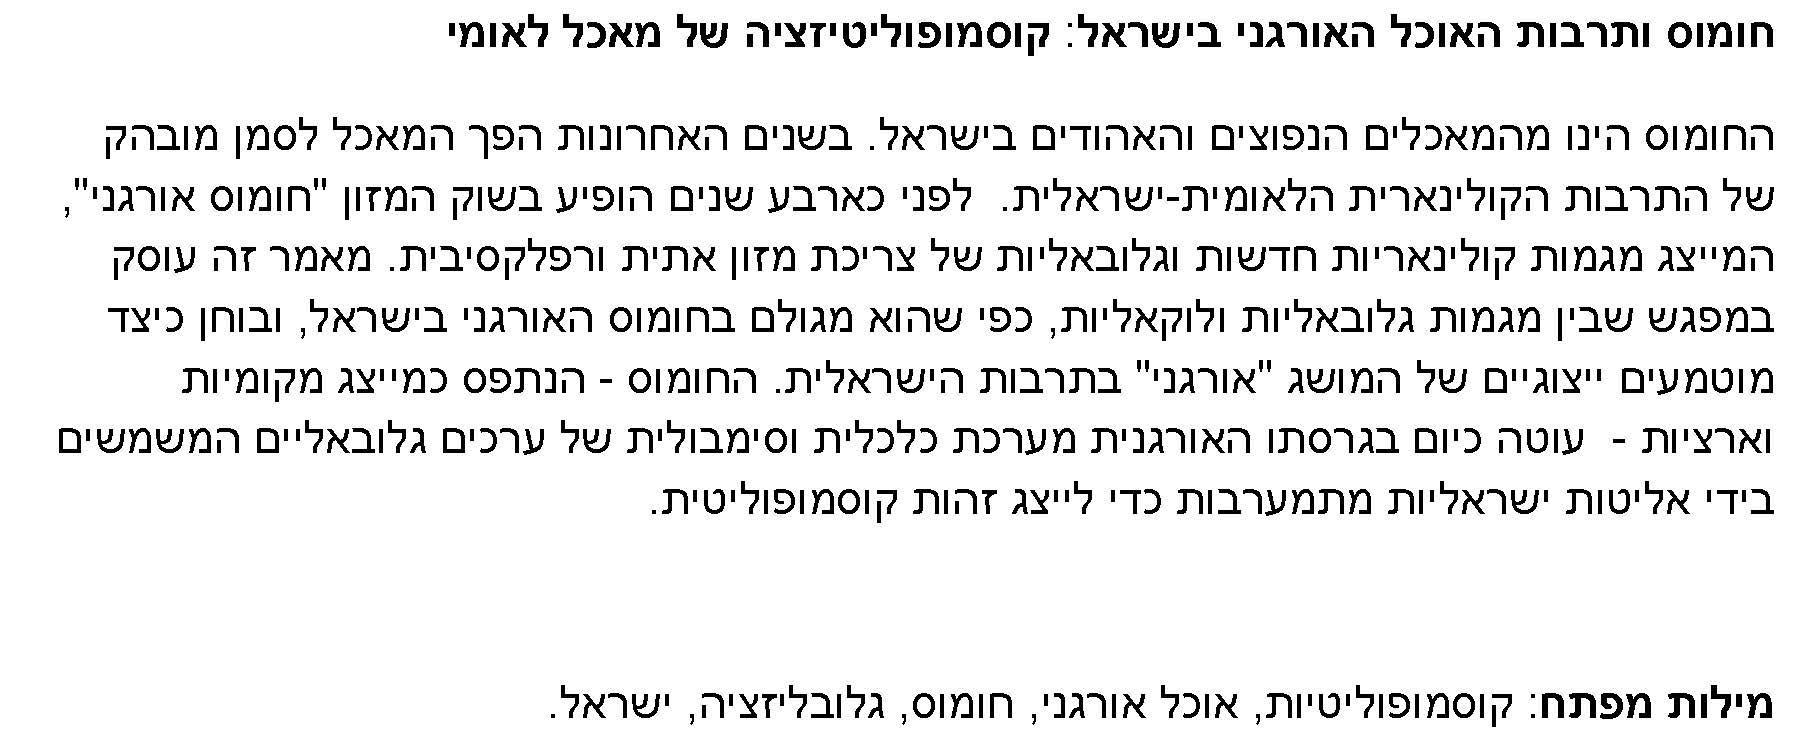 exemple de cv en hebreu